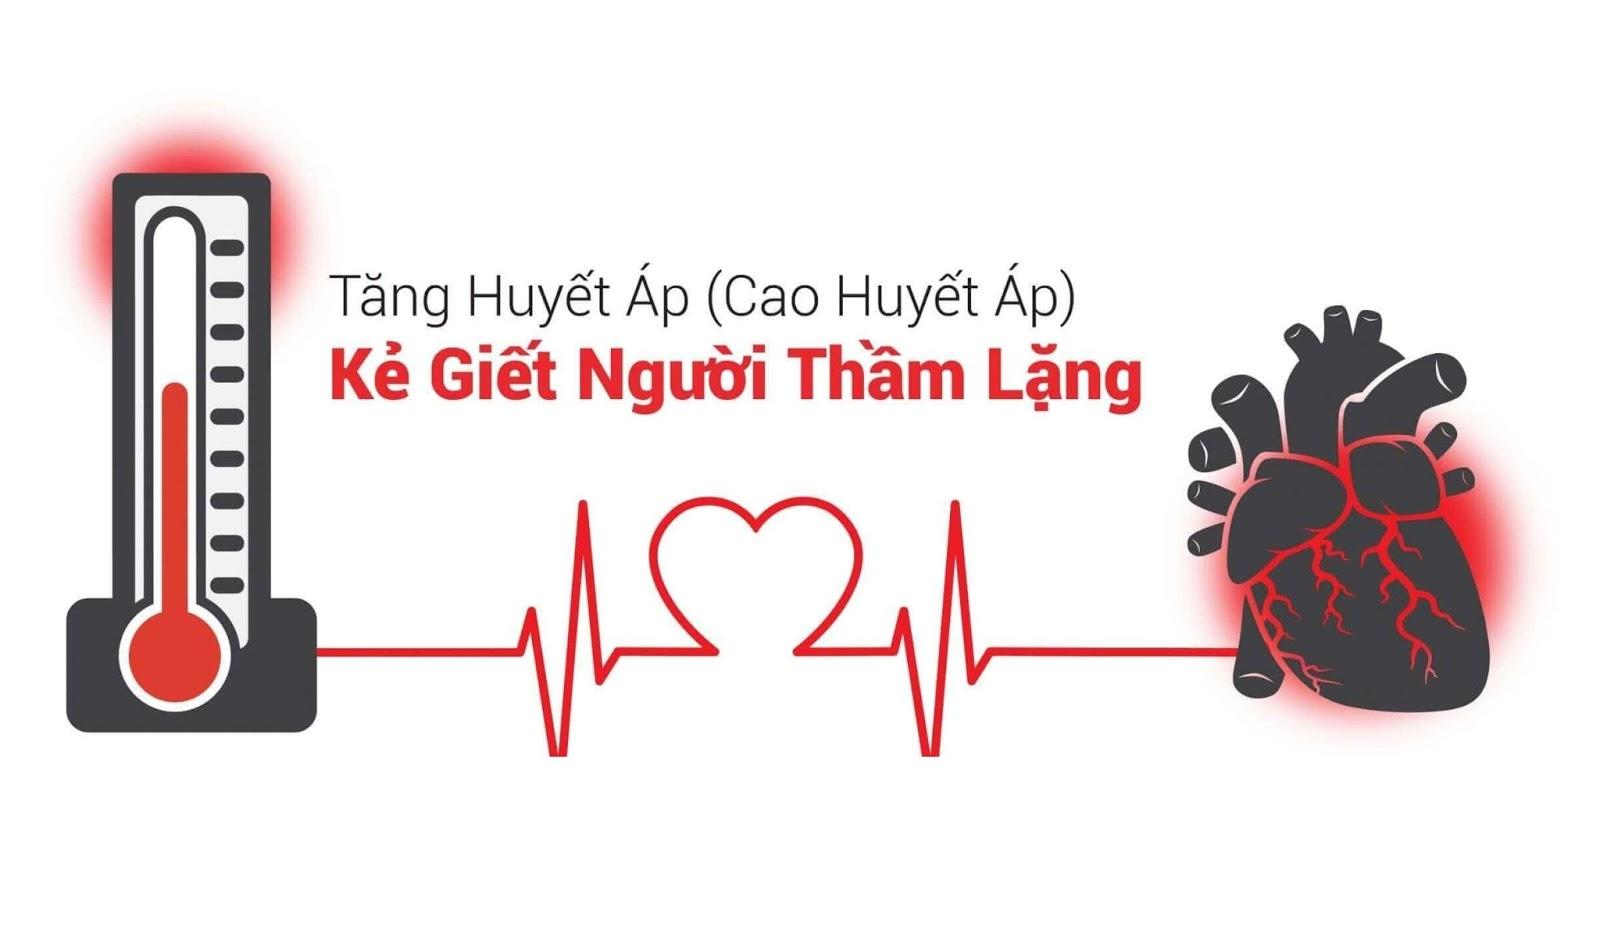 Biến chứng tăng huyết áp khiến nhiều người bệnh lo lắng